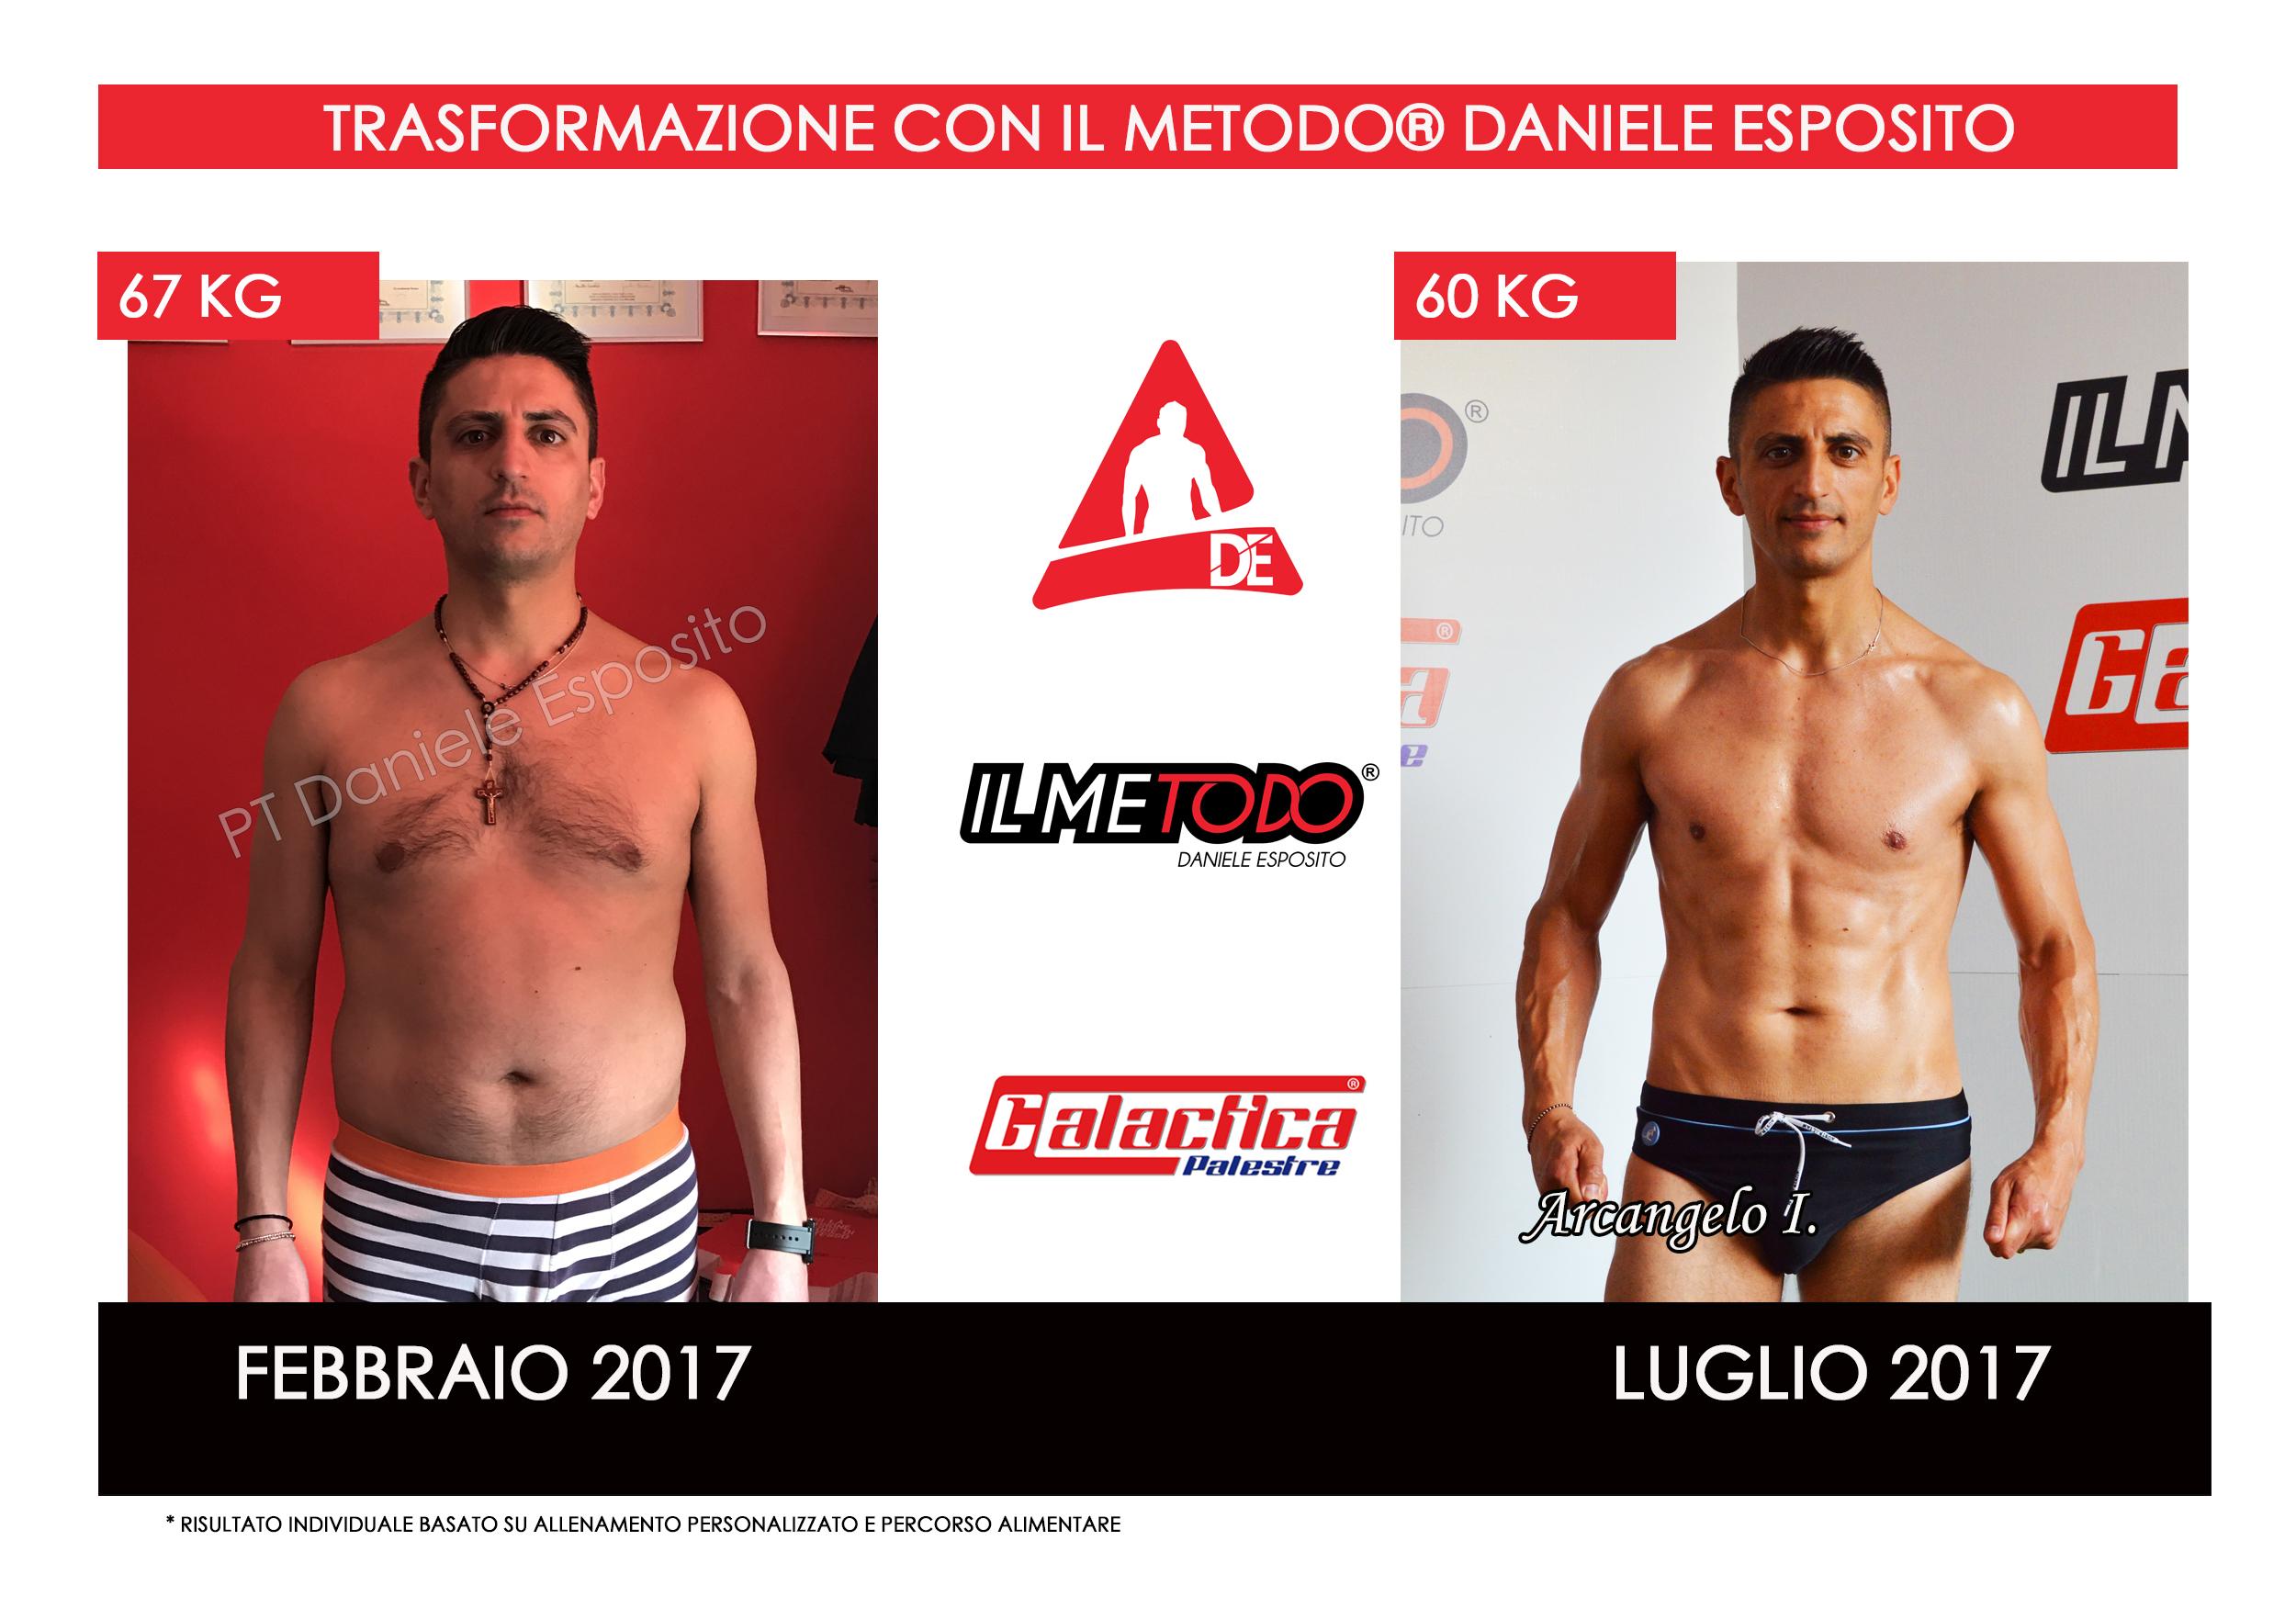 Iannicelli Arcangelo- 5 Metodi per Dimagrire e Rimanere Magri - il Metodo® Daniele Esposito